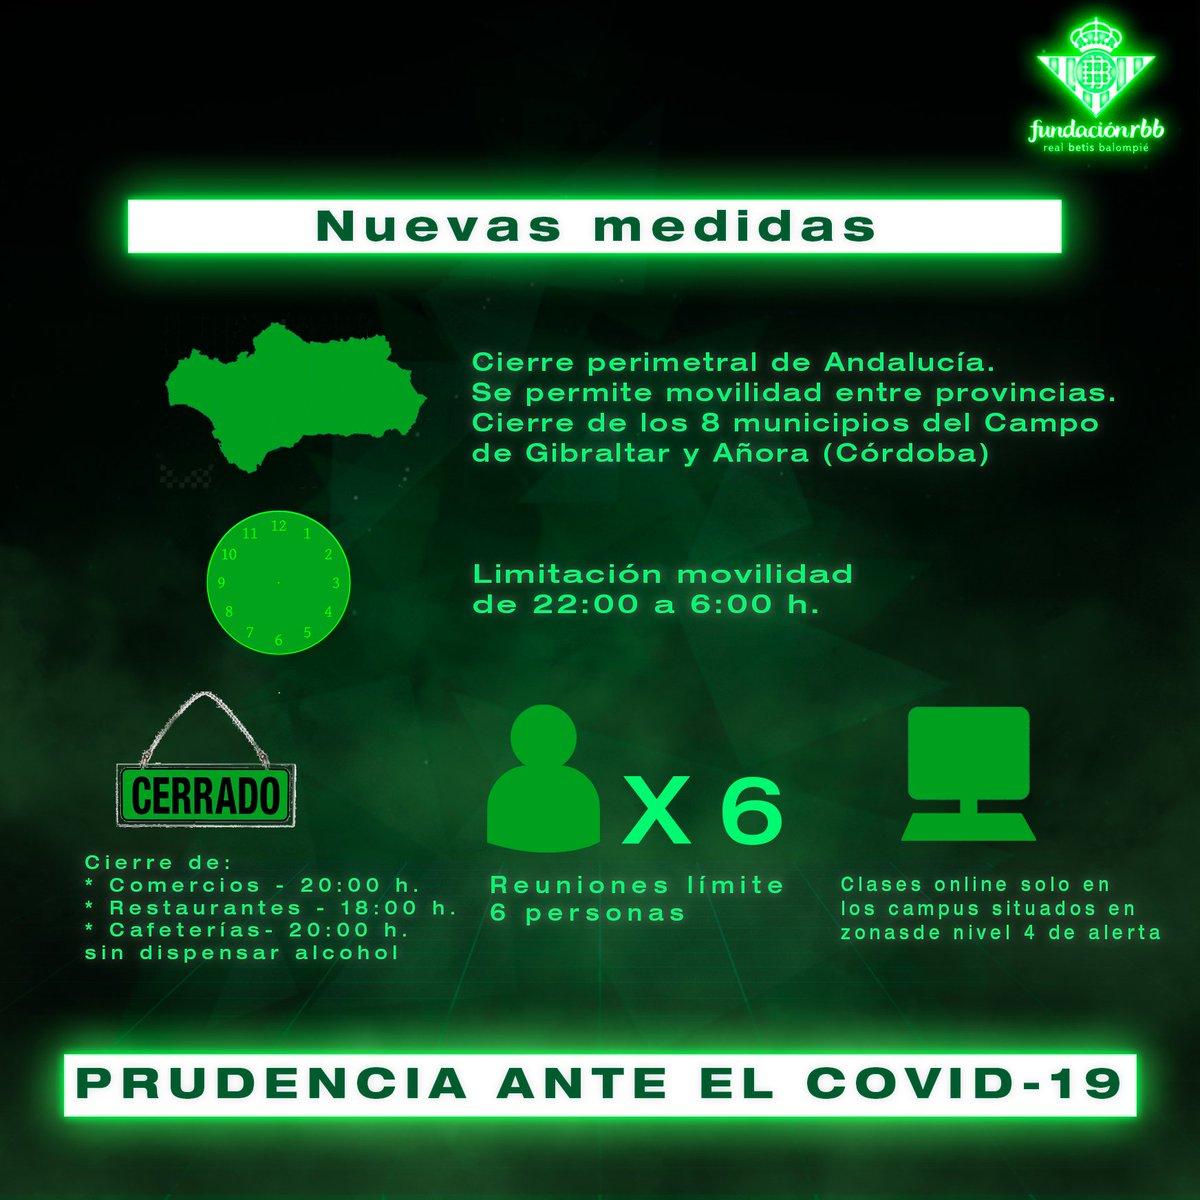 ¡Tenemos que seguir poniendo todos de nuestra parte para acabar con el COVID-19! 😷❌🦠  Conoce aquí todas las medidas que han entrado hoy en vigor en Andalucía hasta el próximo 25 de enero 👀👇  ➡️